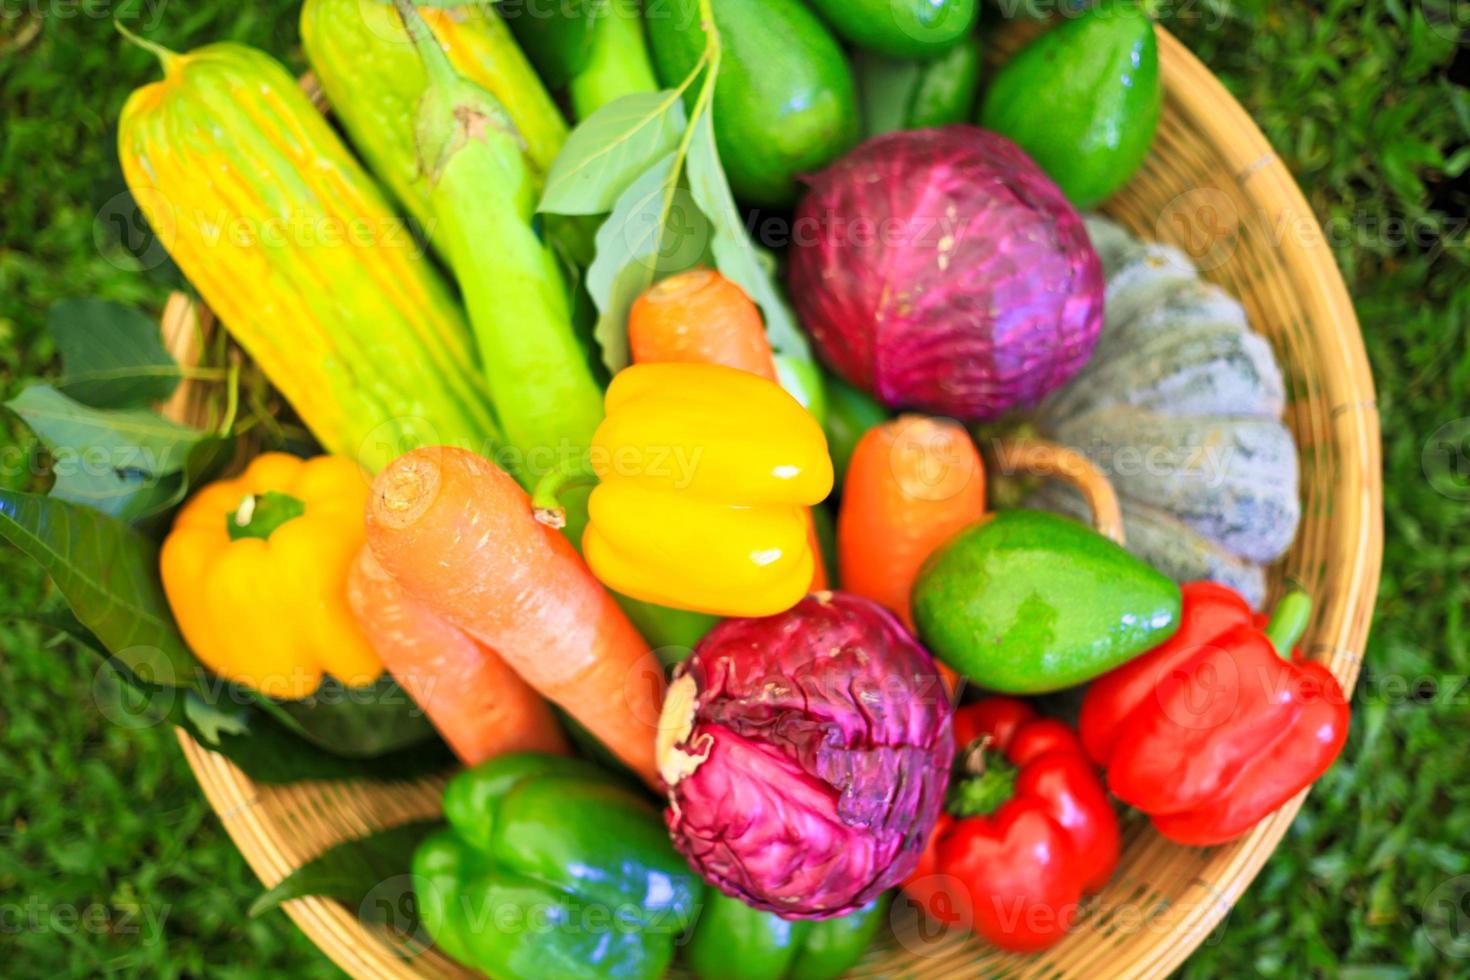 groenten en fruit, natuurlijk stilleven voor gezonde voeding foto